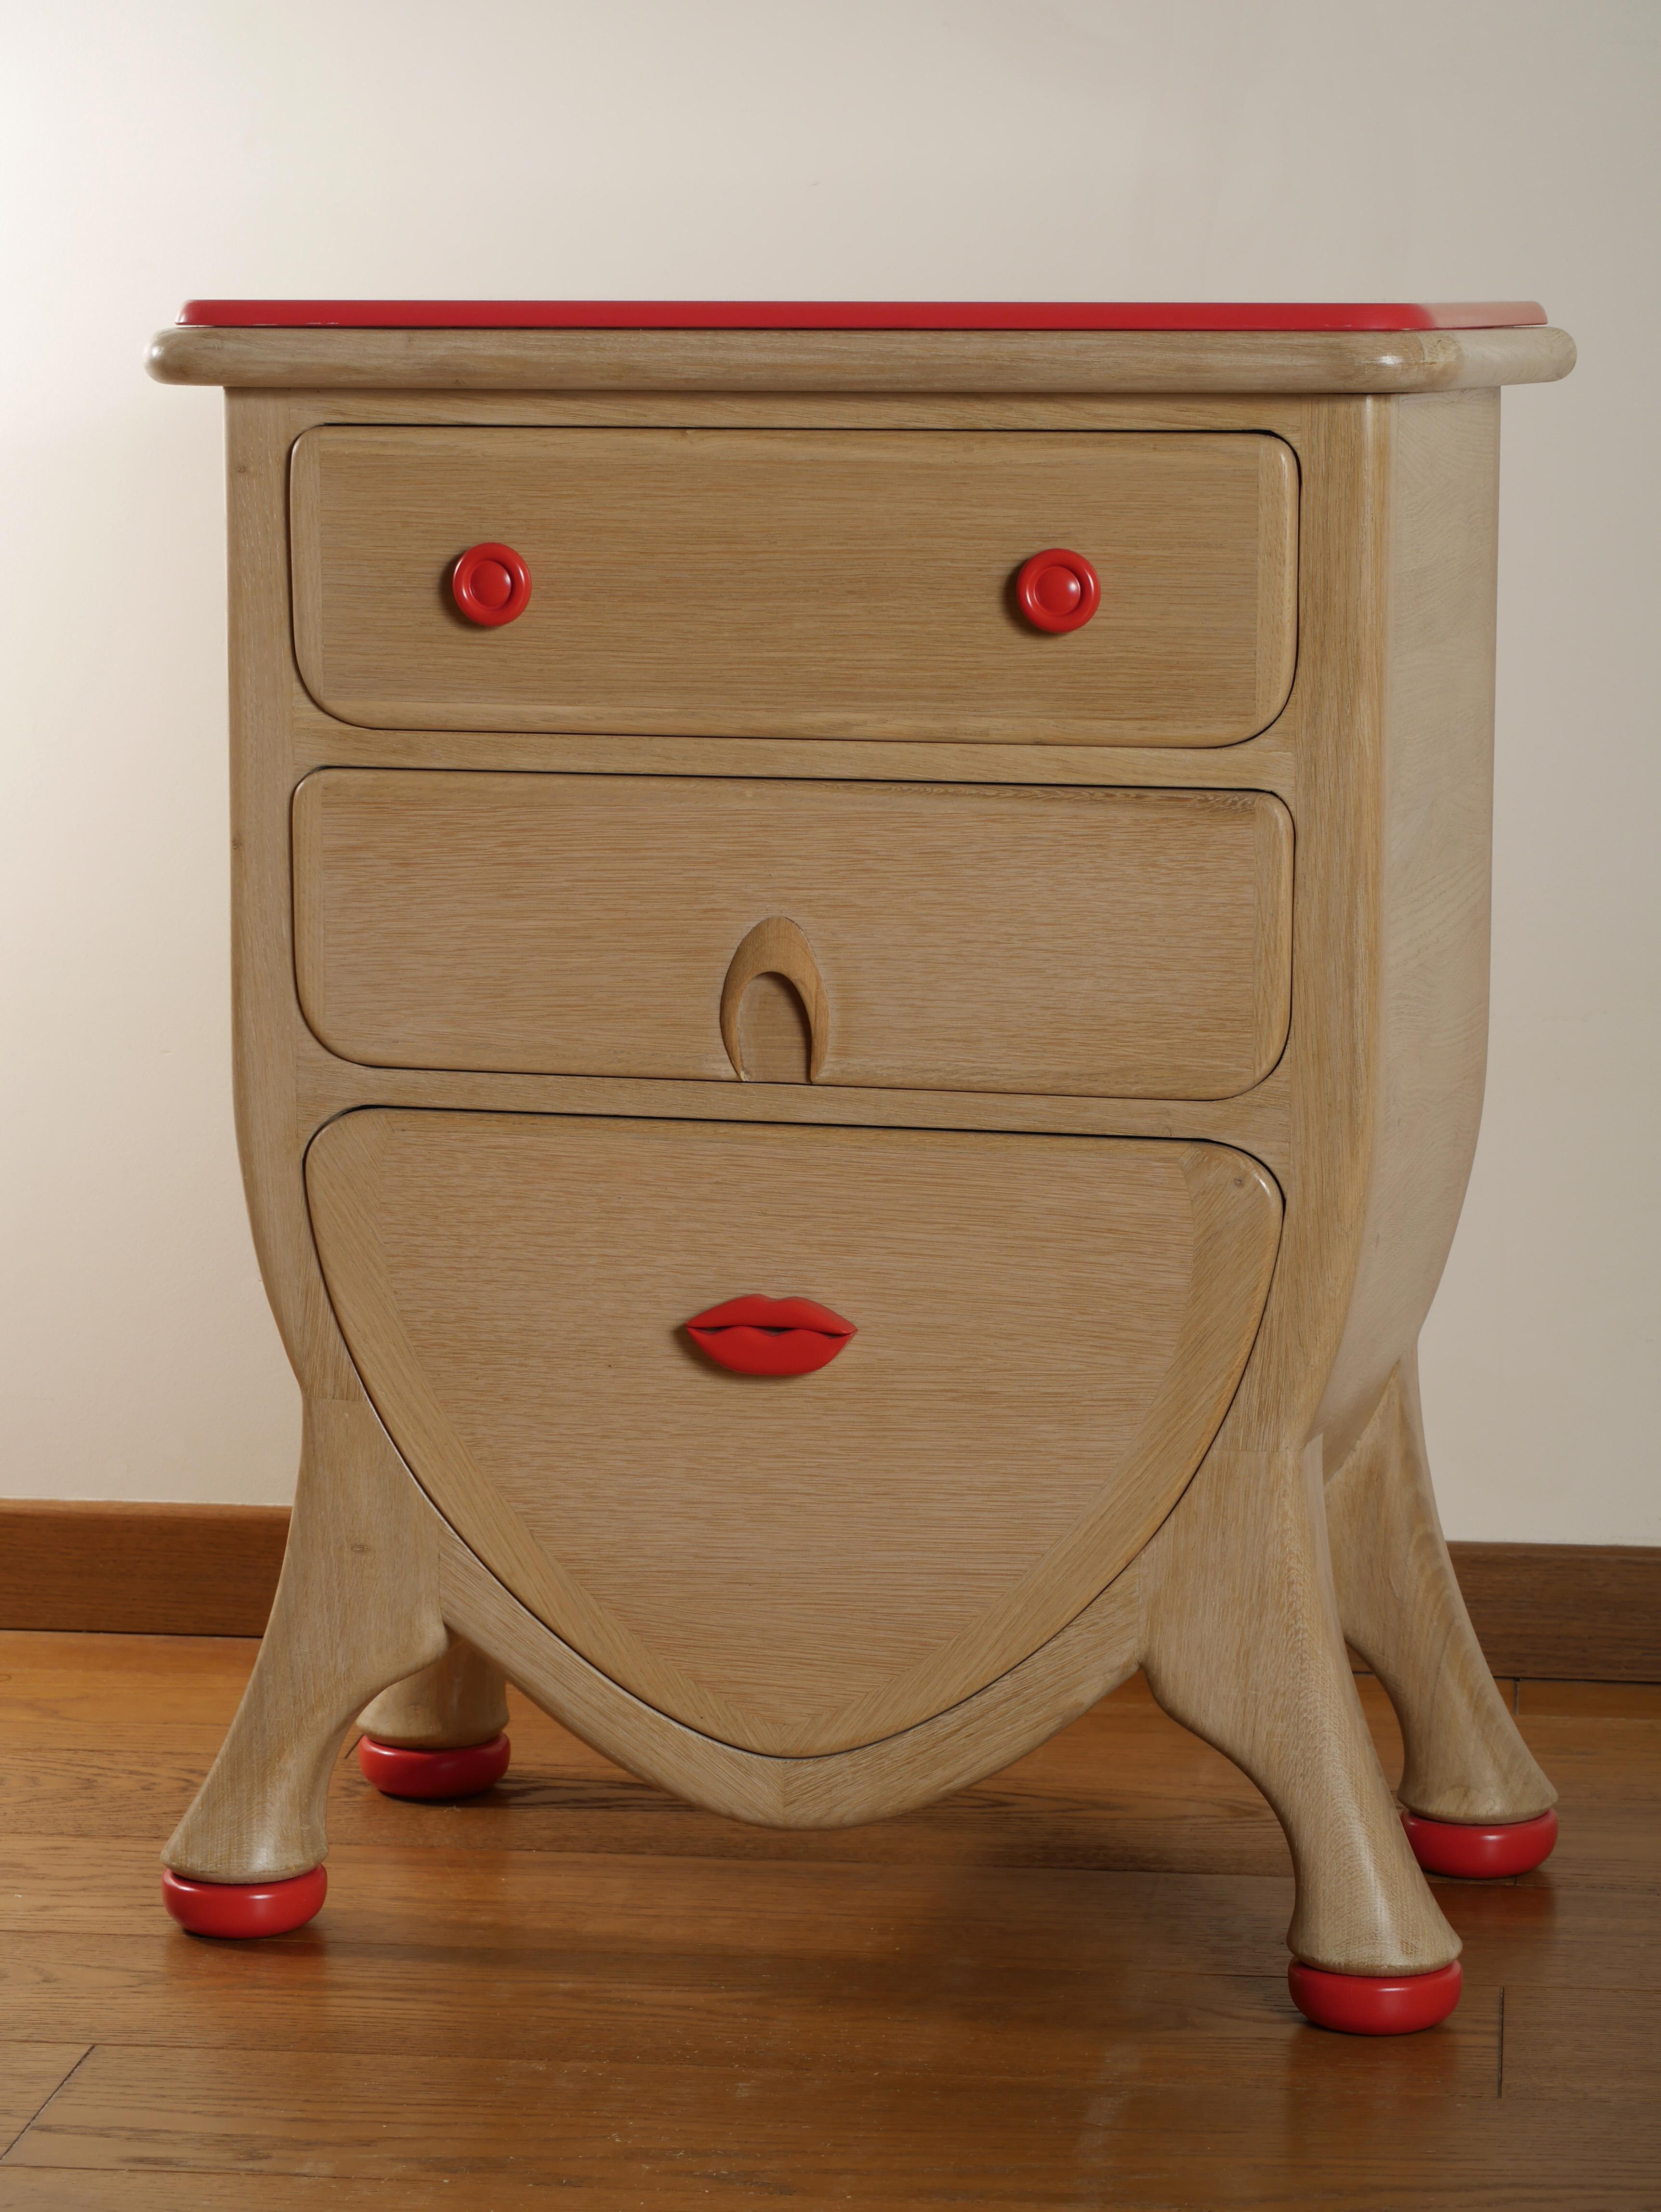 meubles pour enfant lo c kerisel b niste. Black Bedroom Furniture Sets. Home Design Ideas